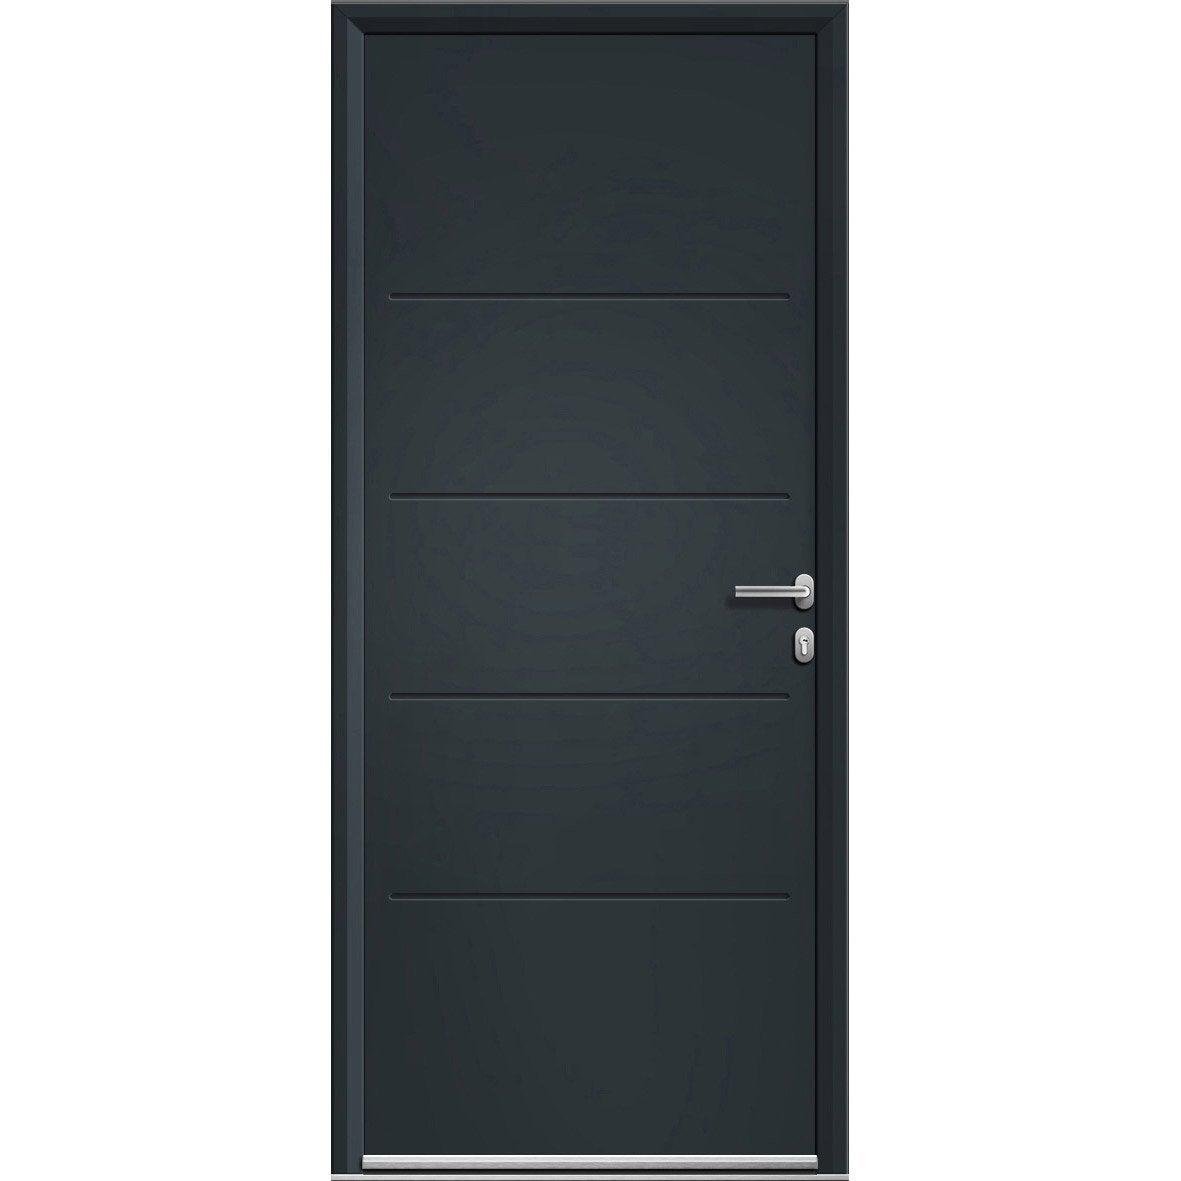 Porte d 39 entr e aluminium lineal gris poussant gauche h 215 x l 90 cm - Leroy merlin porte entree alu ...